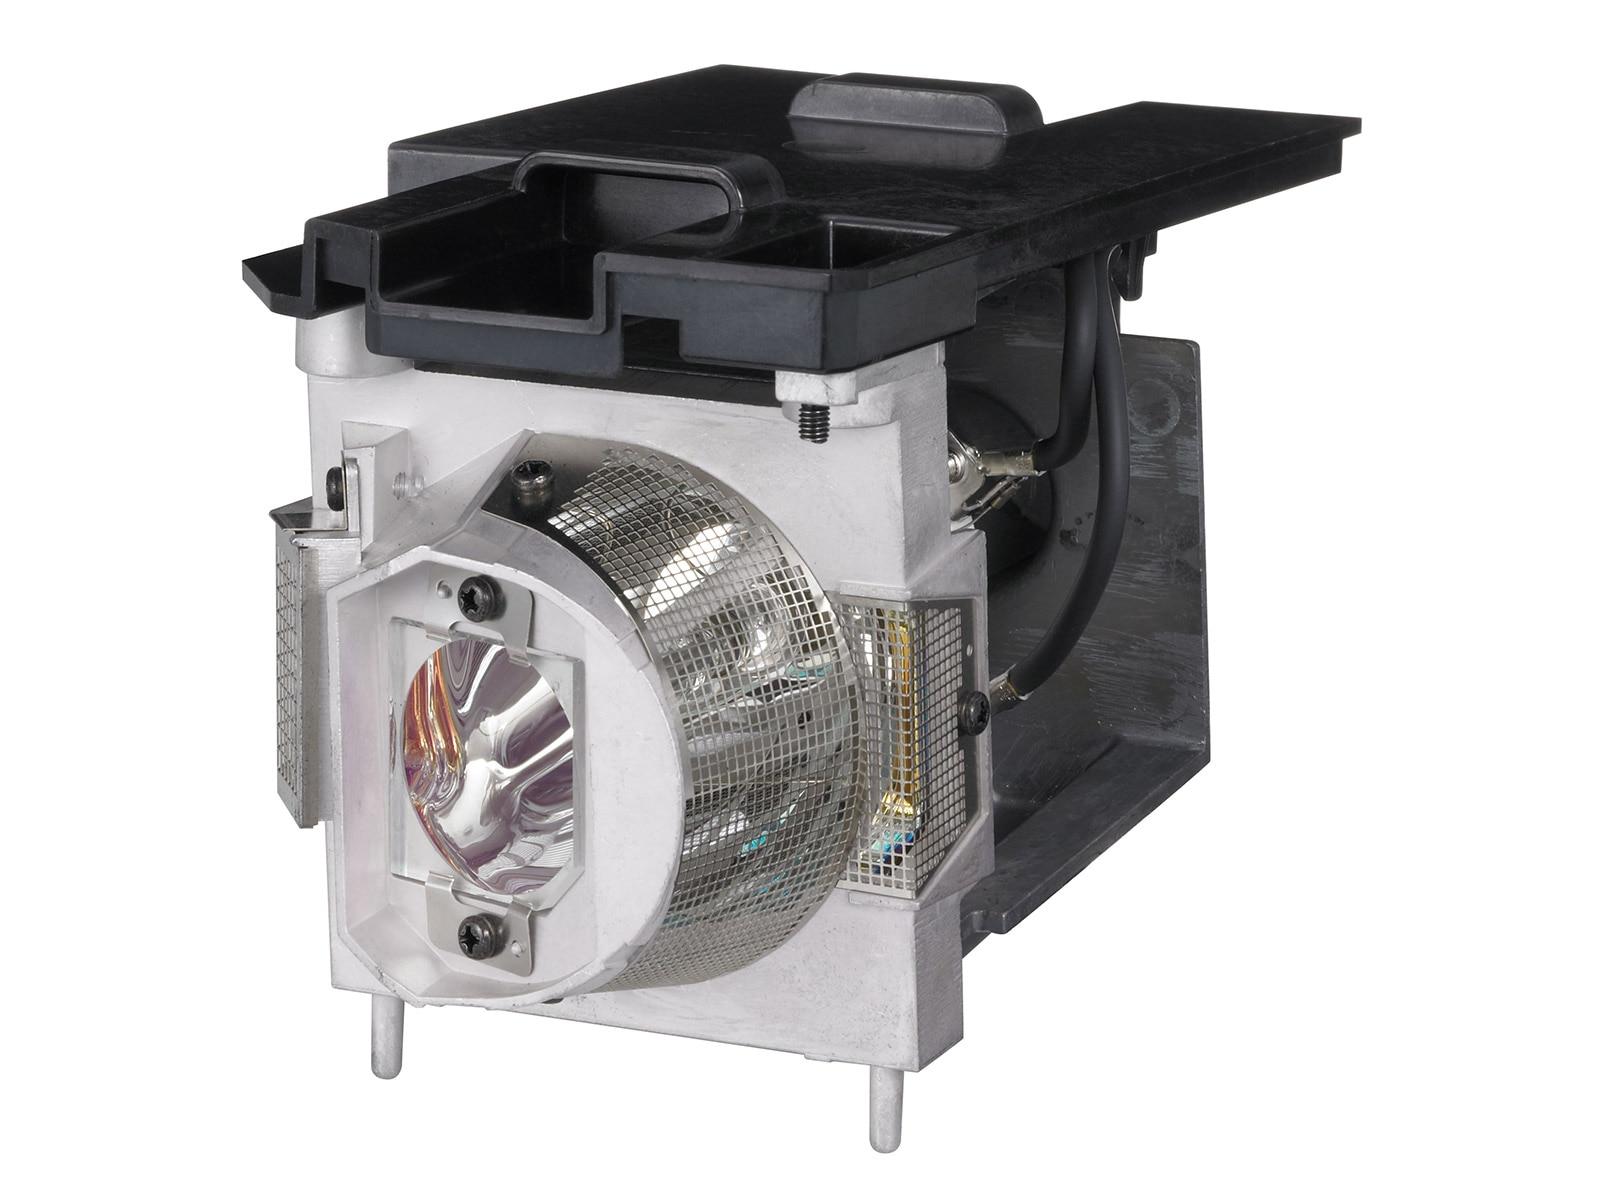 Compatible Projector lamp NEC NP24LP/100013352/PE401H compatible projector lamp nec lh01lp 50027115 ht410 ht510